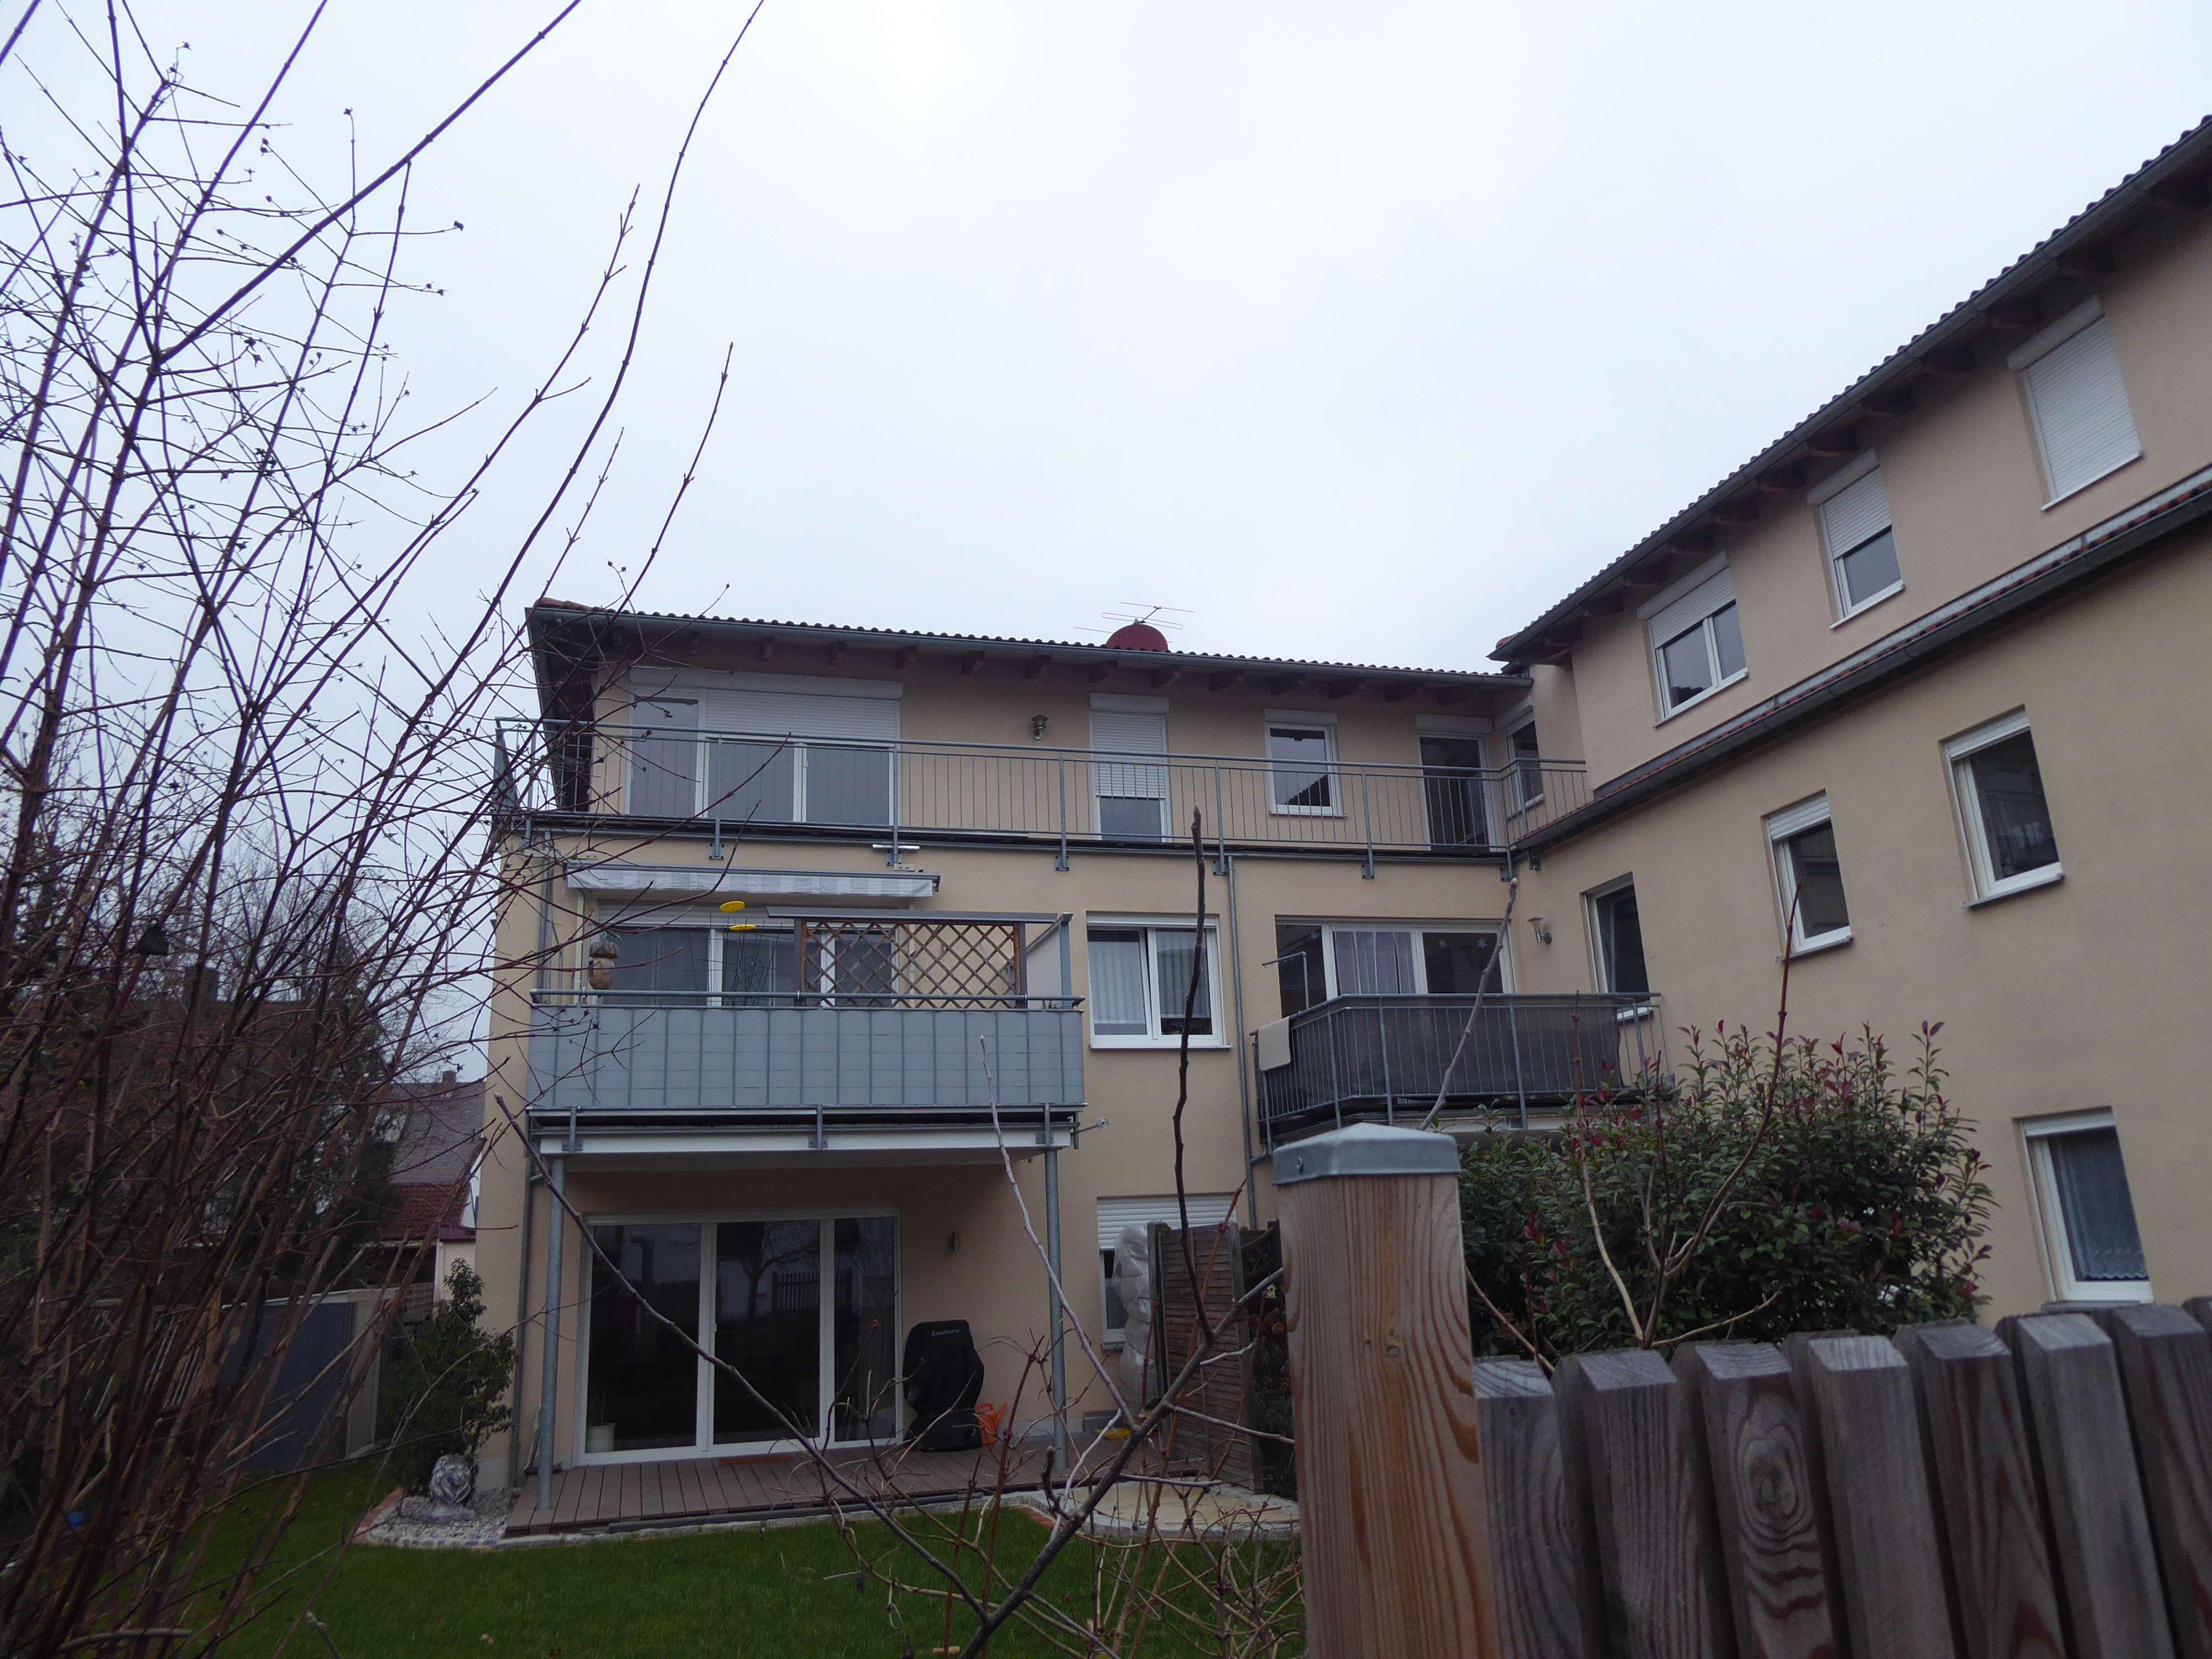 Gepflegte 3-Zimmer-Penthouse-Wohnung mit Balkon in Neuburg an der Donau in